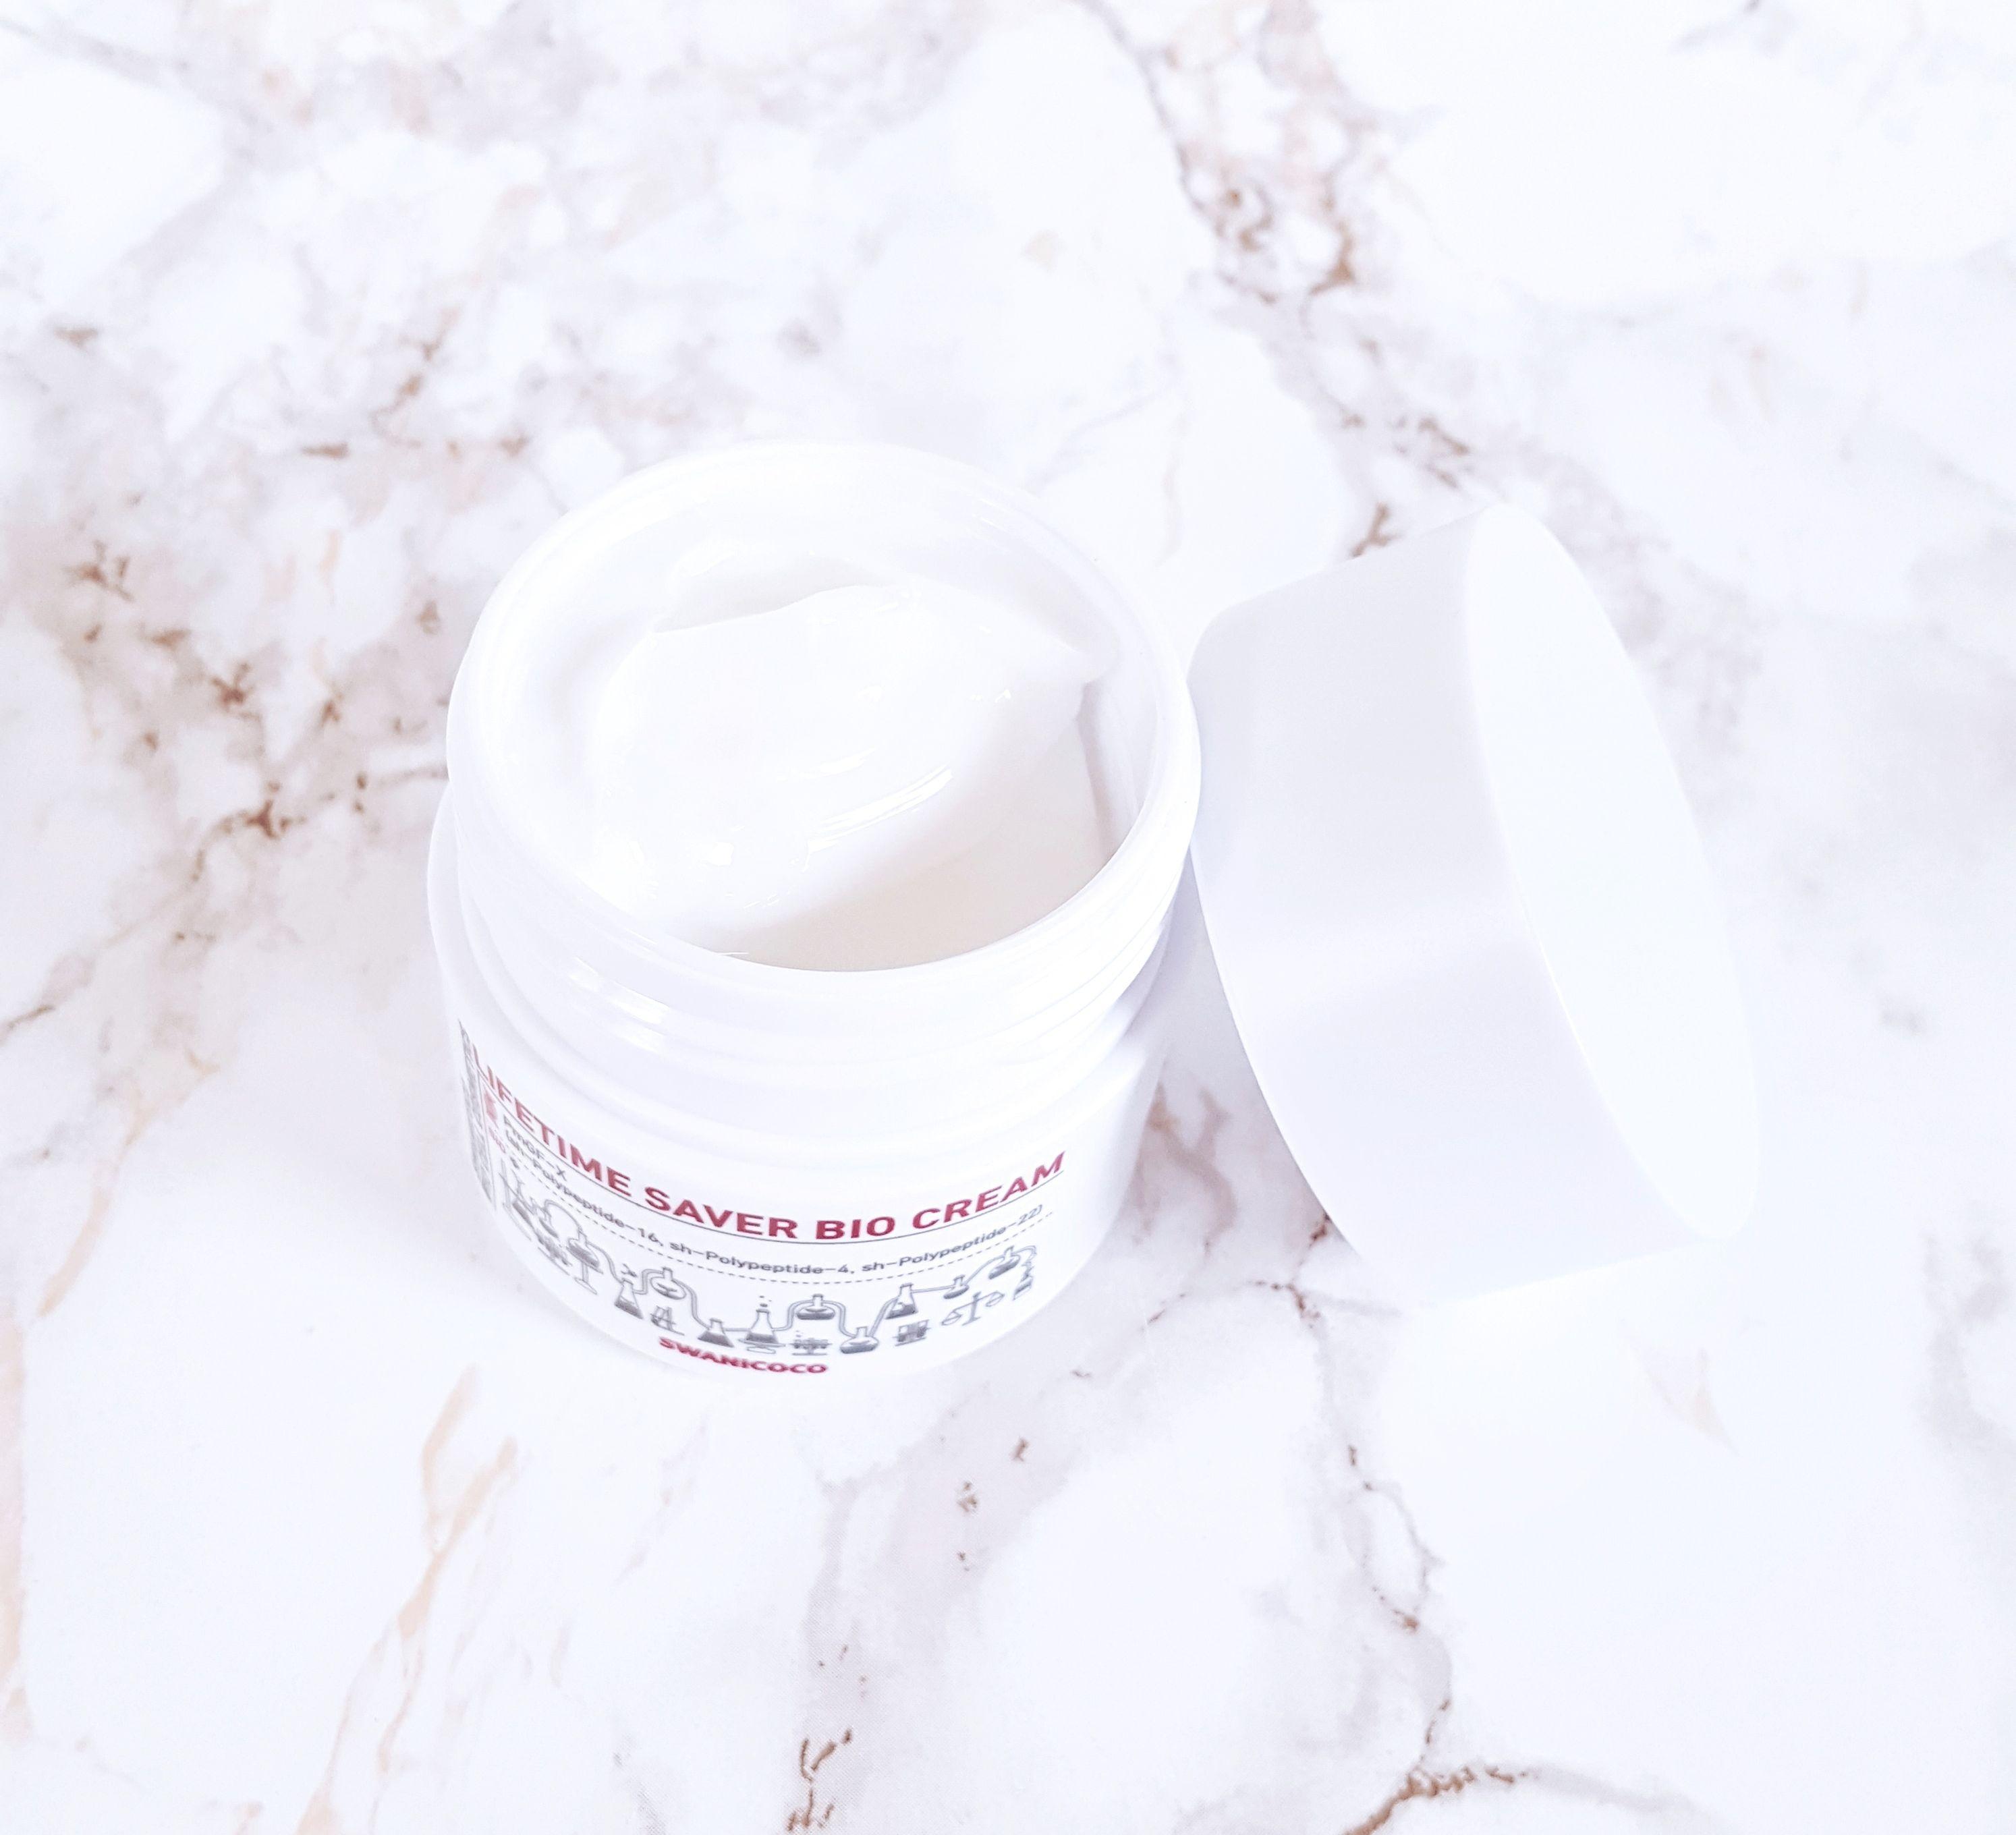 Swanicoco Lifetime Saver Bio Cream jar